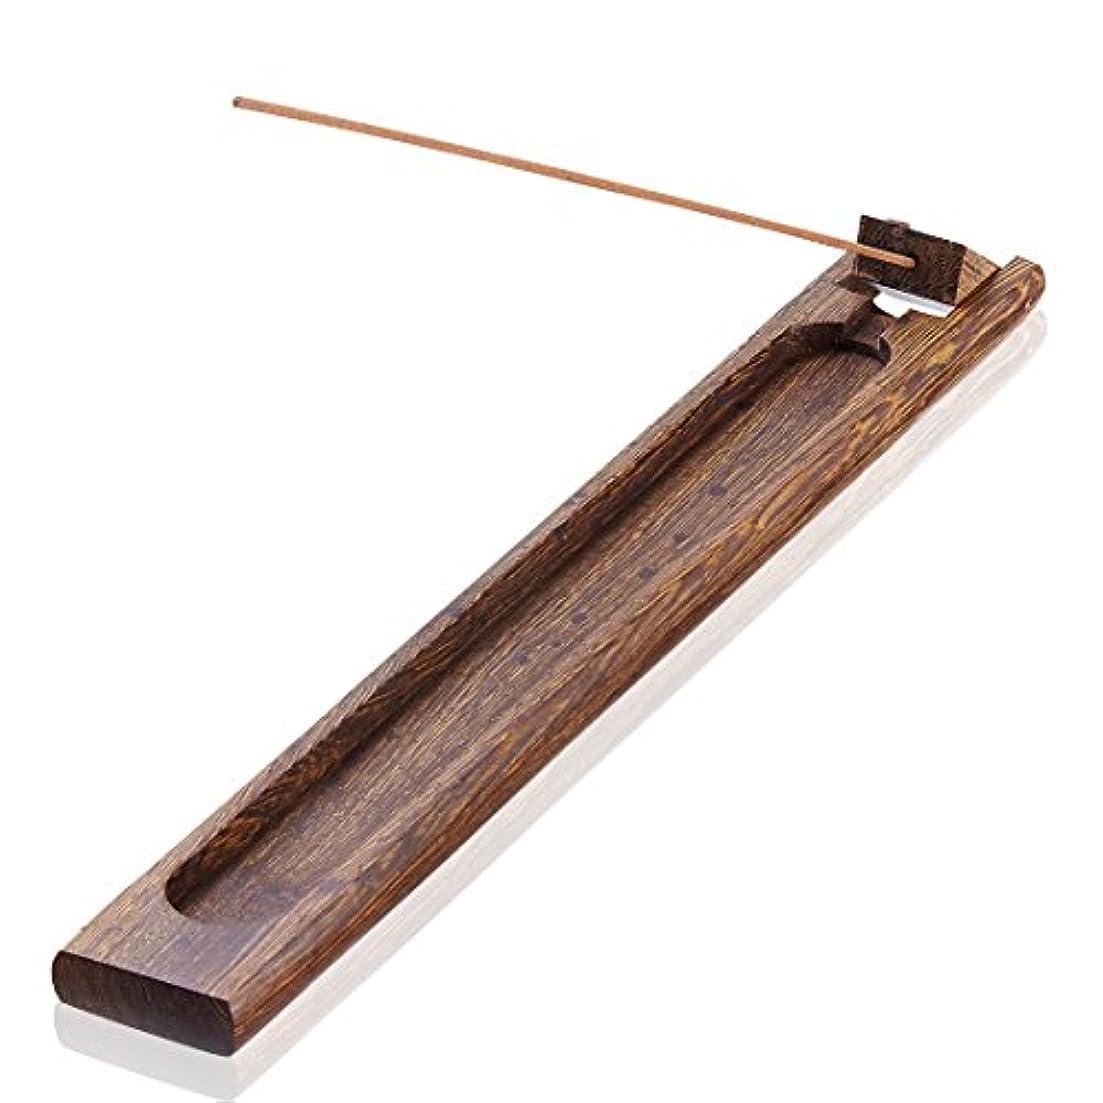 飛行機大使館求める(02) - UOON Antique Wood Incense sticks Burner Holder Ash Catcher (02)